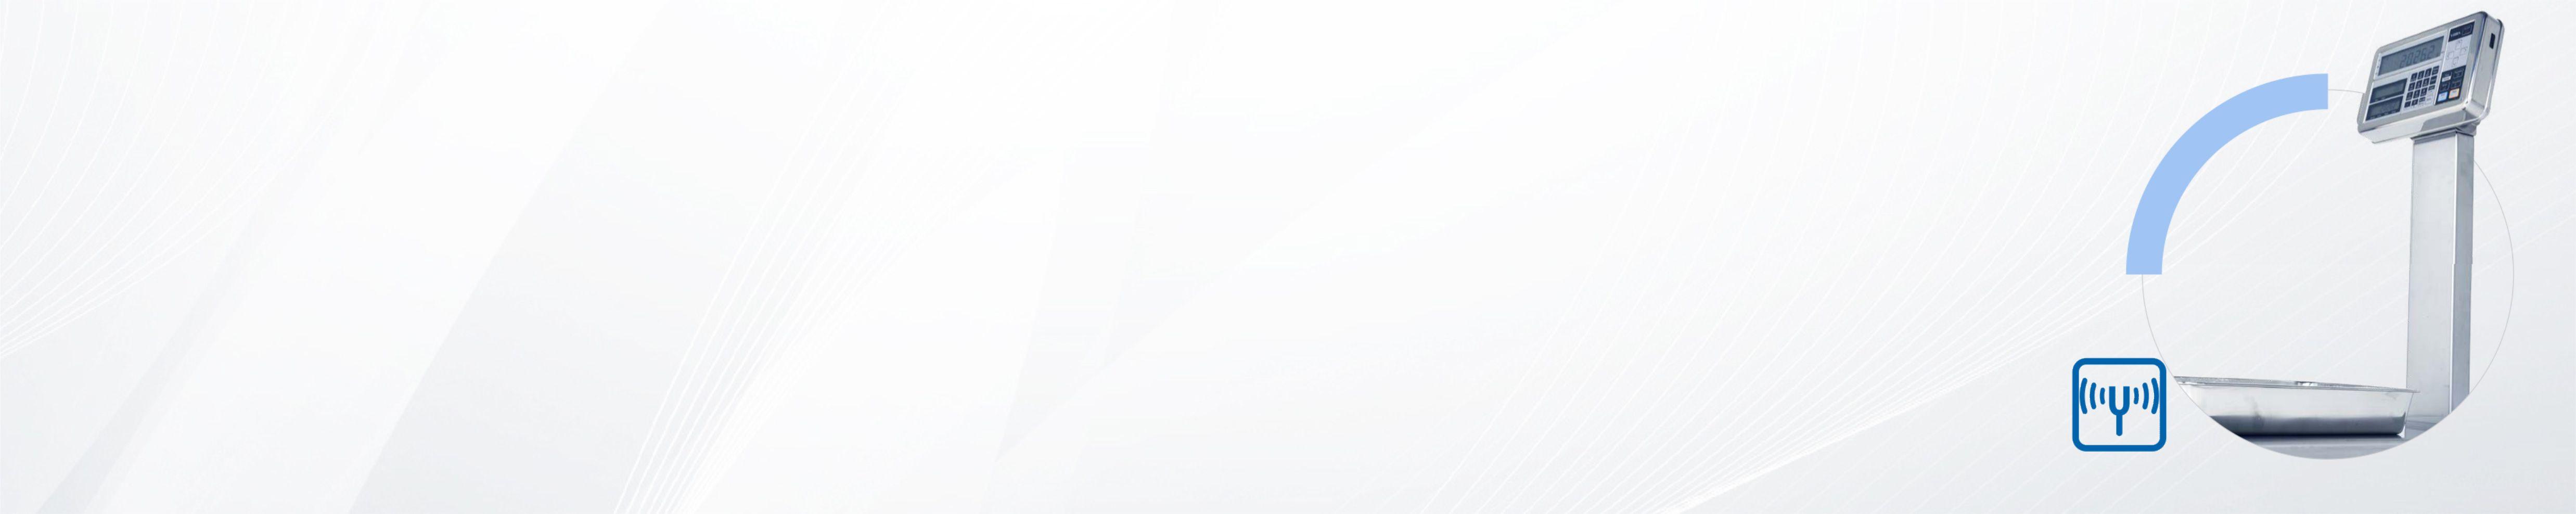 Уникальные преимущества весов ViBRA на датчике Tuning-Fork: